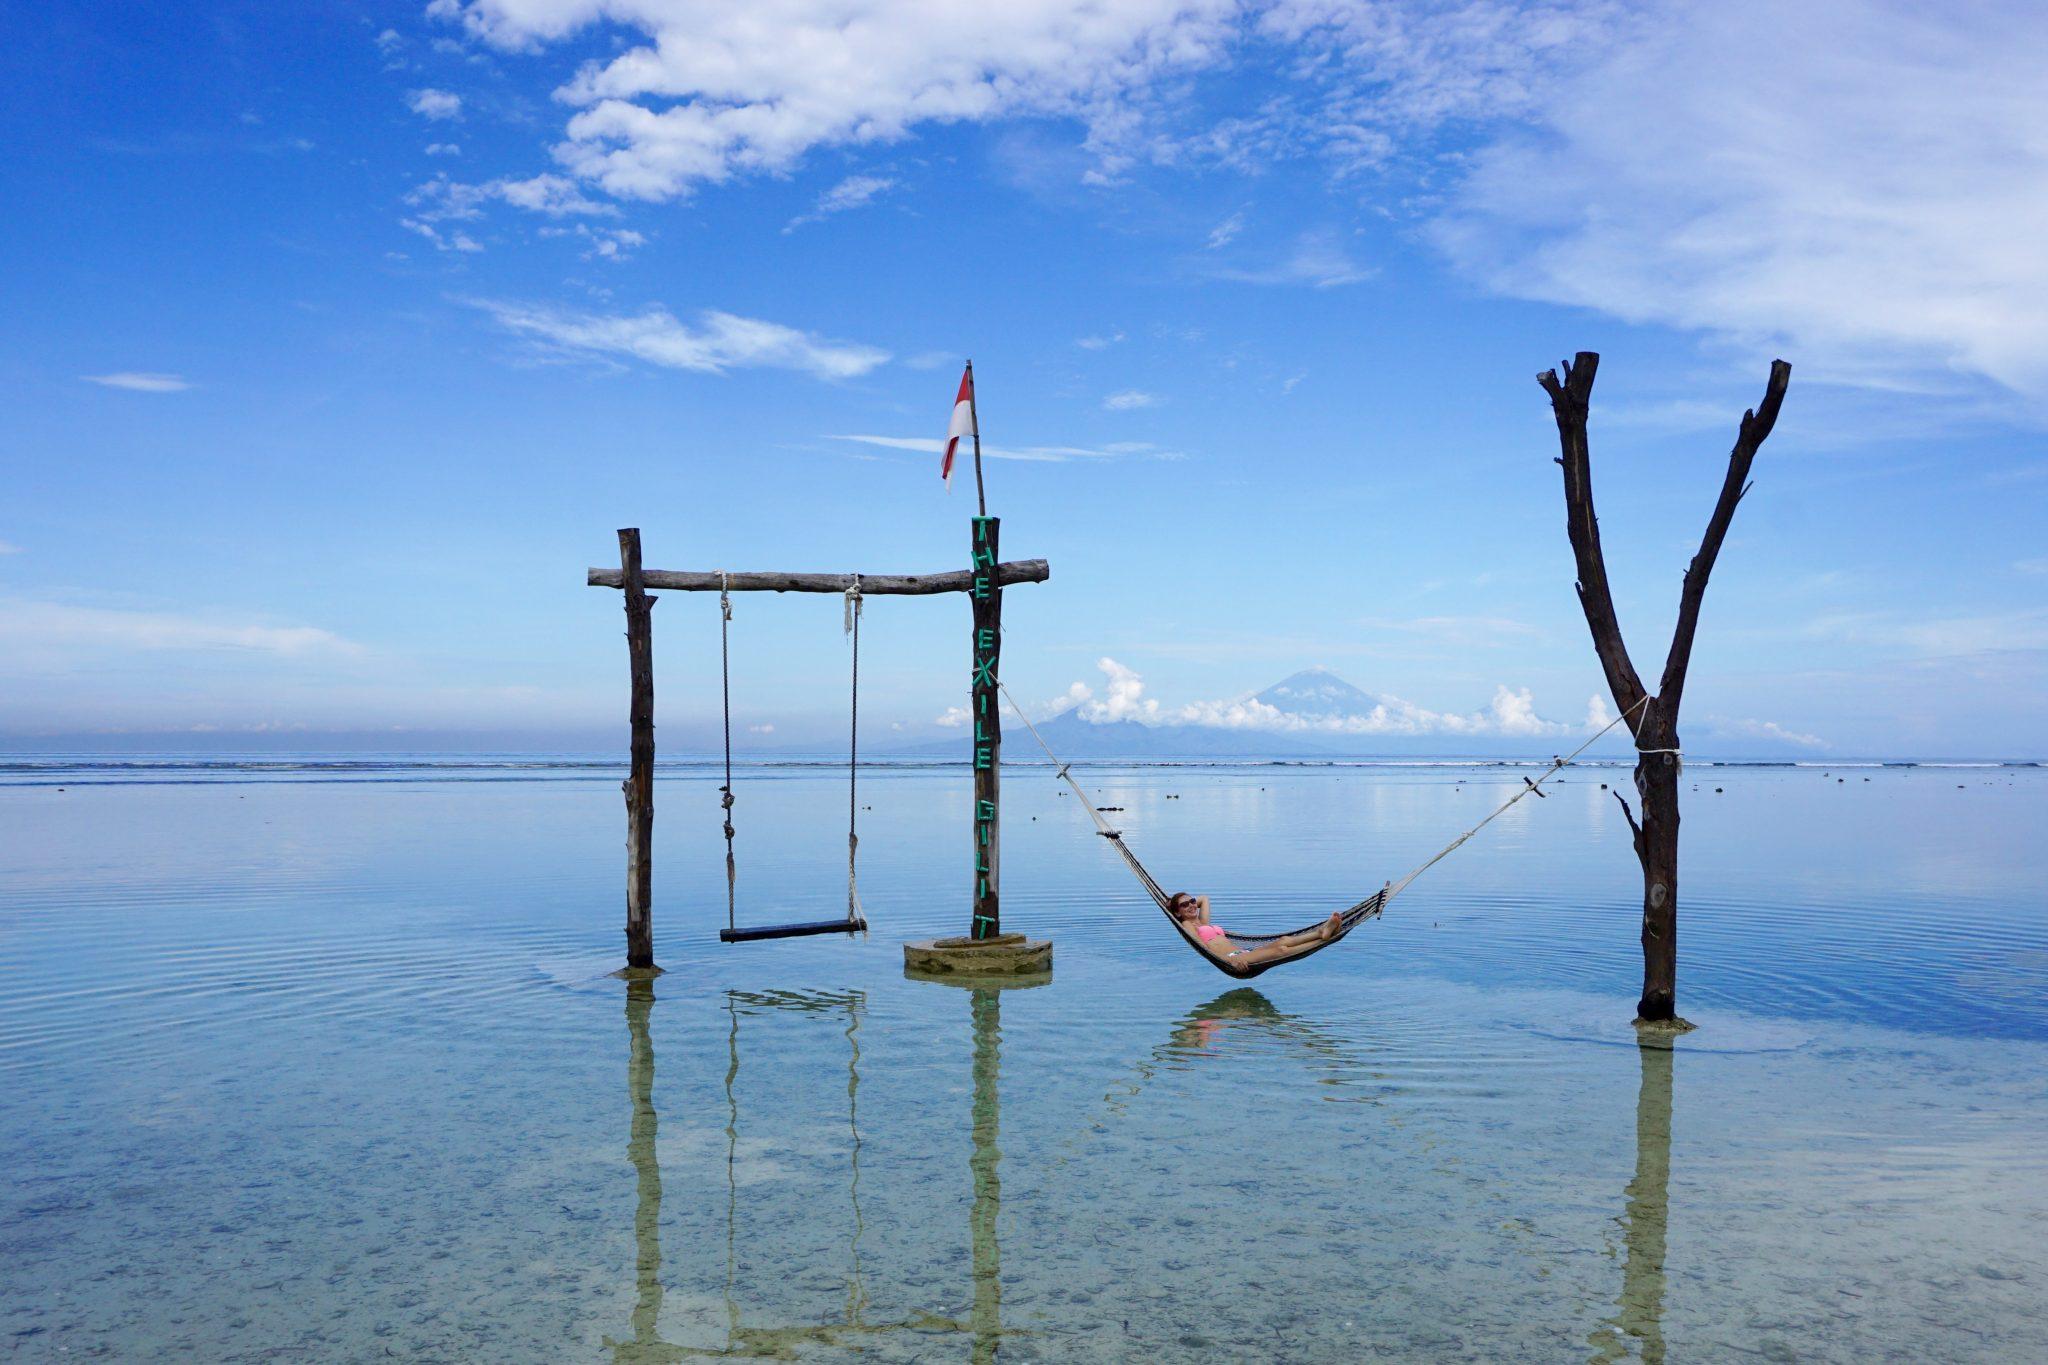 gili trawangan, indonesia, lombok, overwater hammock, beaches